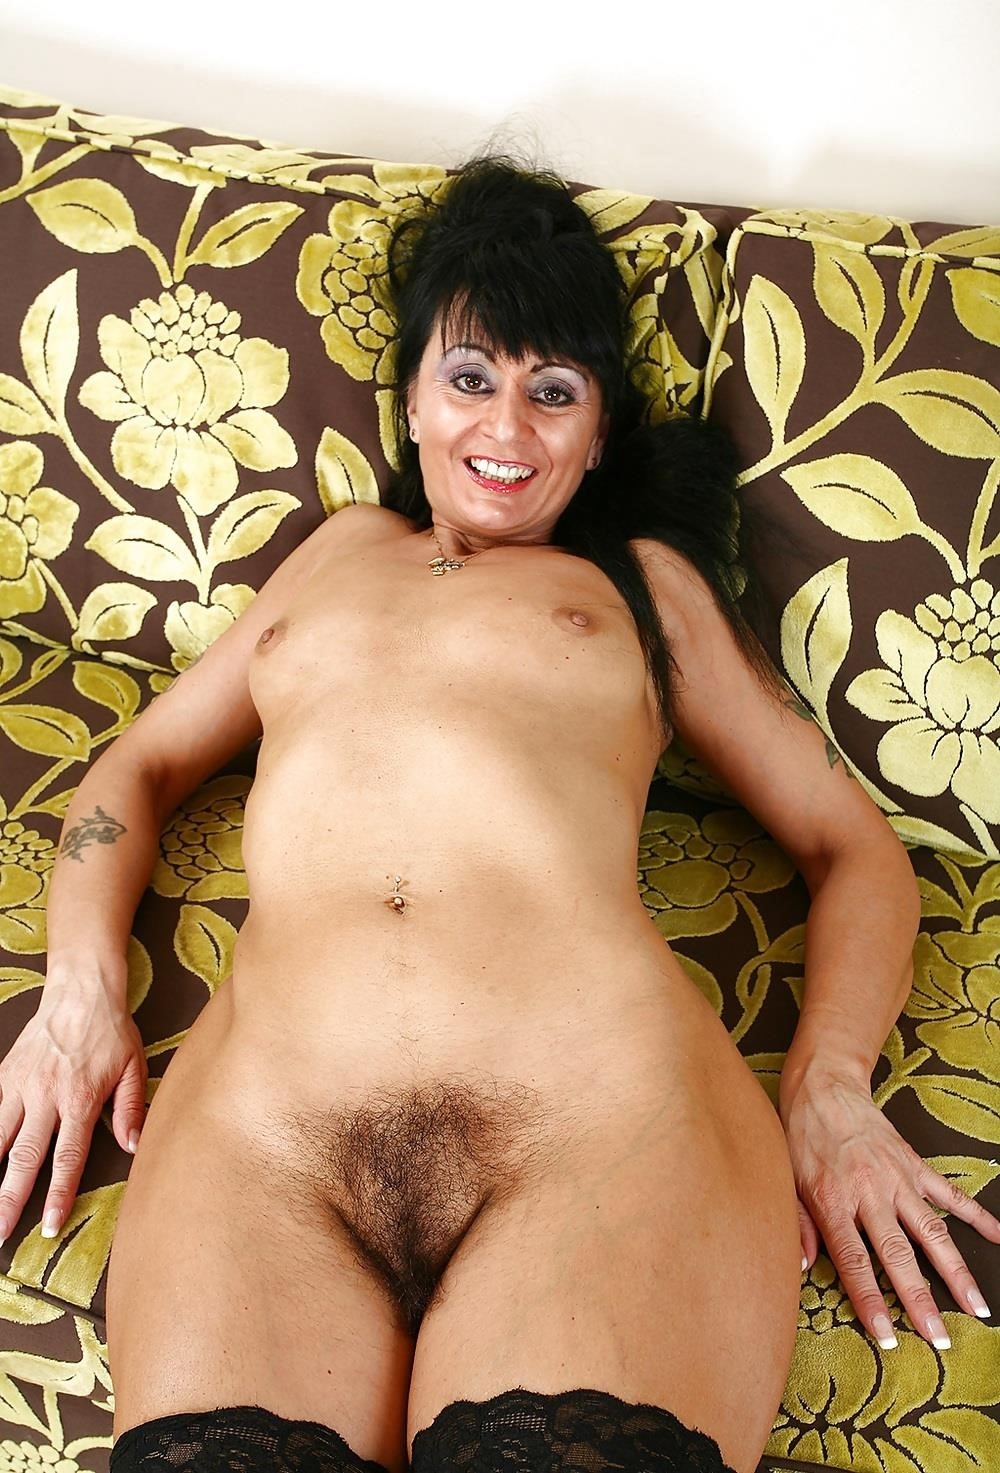 Solo mature porn pics-1092